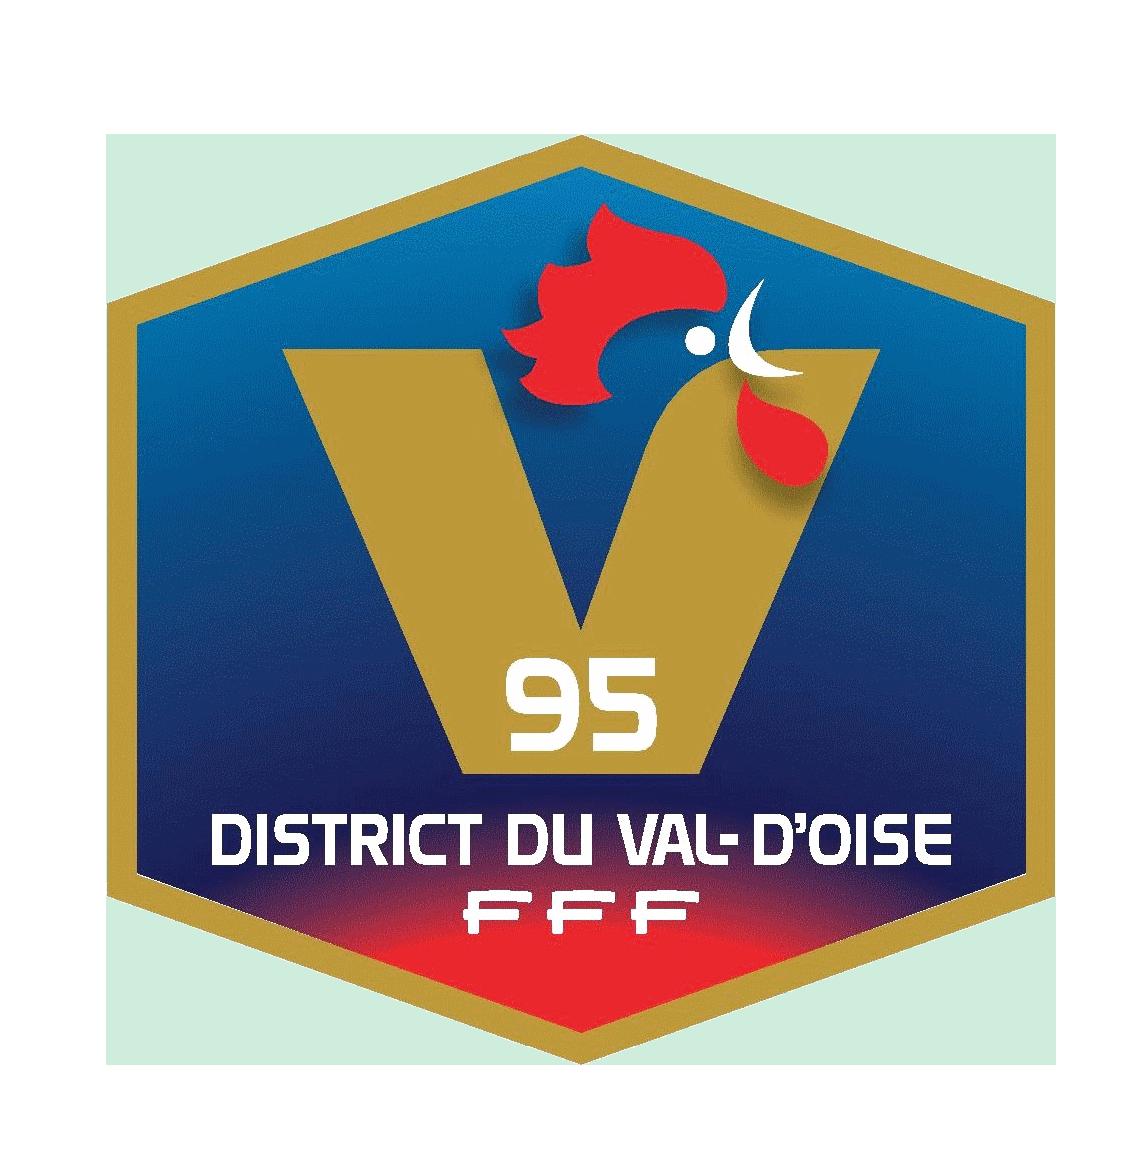 Saint brice fc district du val d 39 oise de football - Chambre des notaires val d oise ...